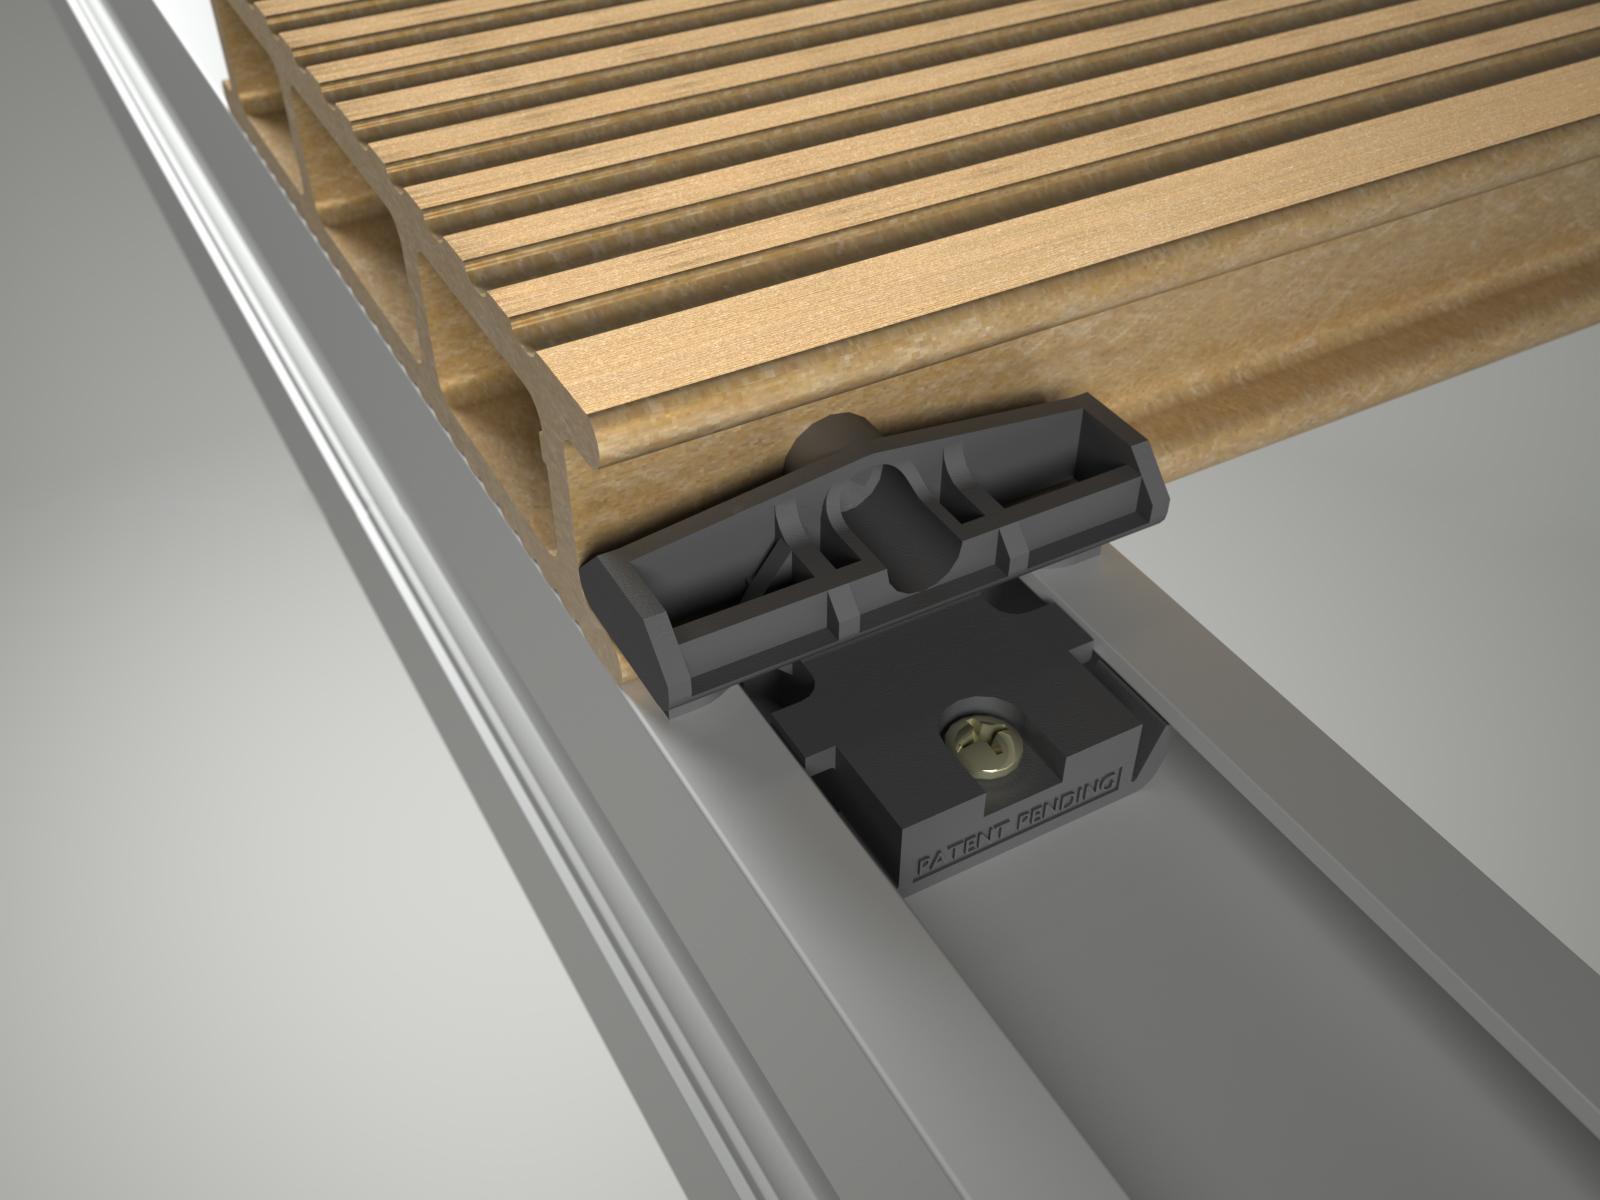 plastic wood installation methods